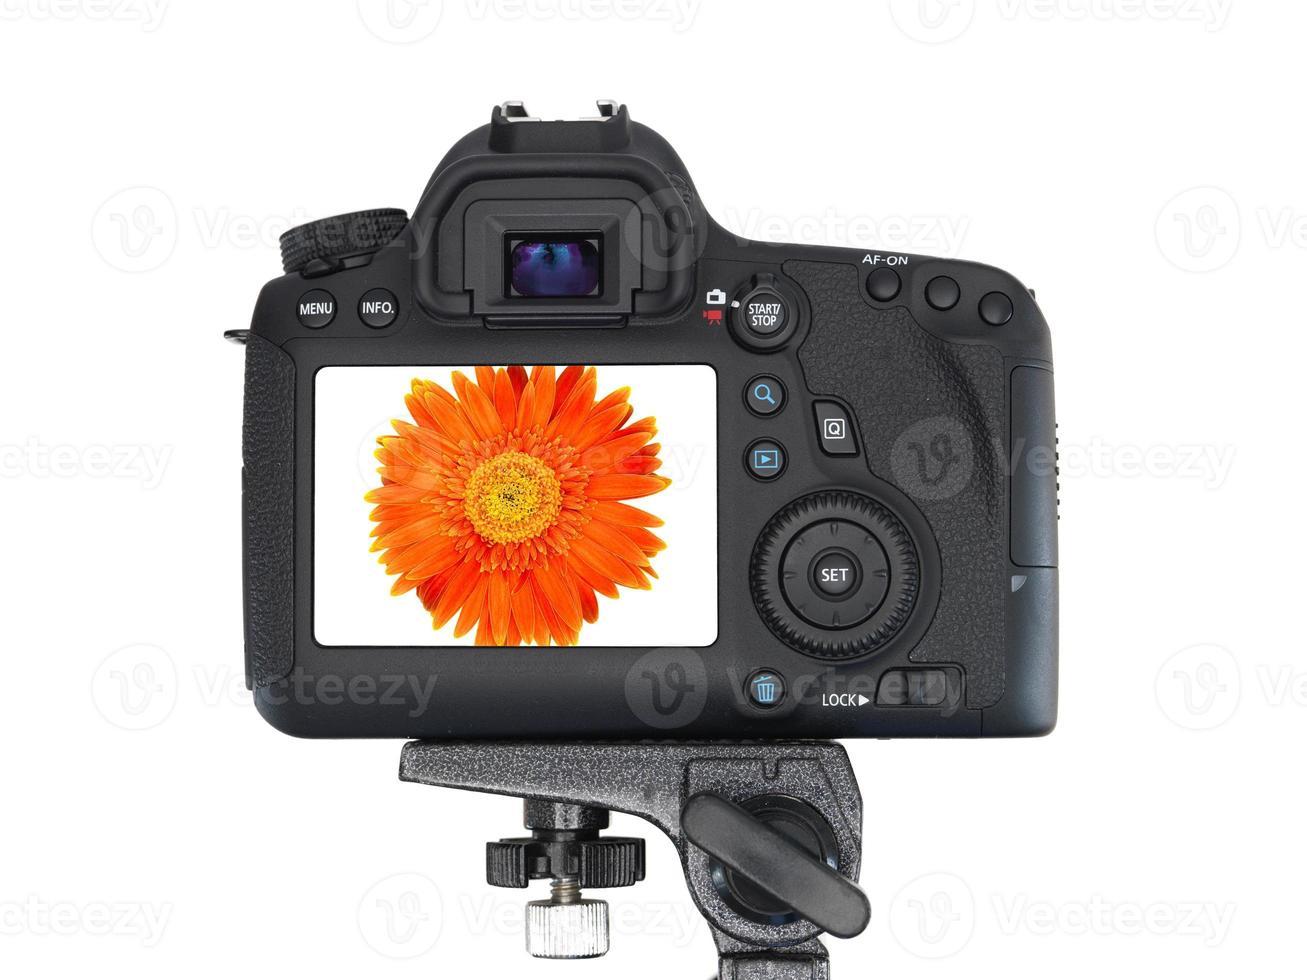 fotocamera reflex digitale foto